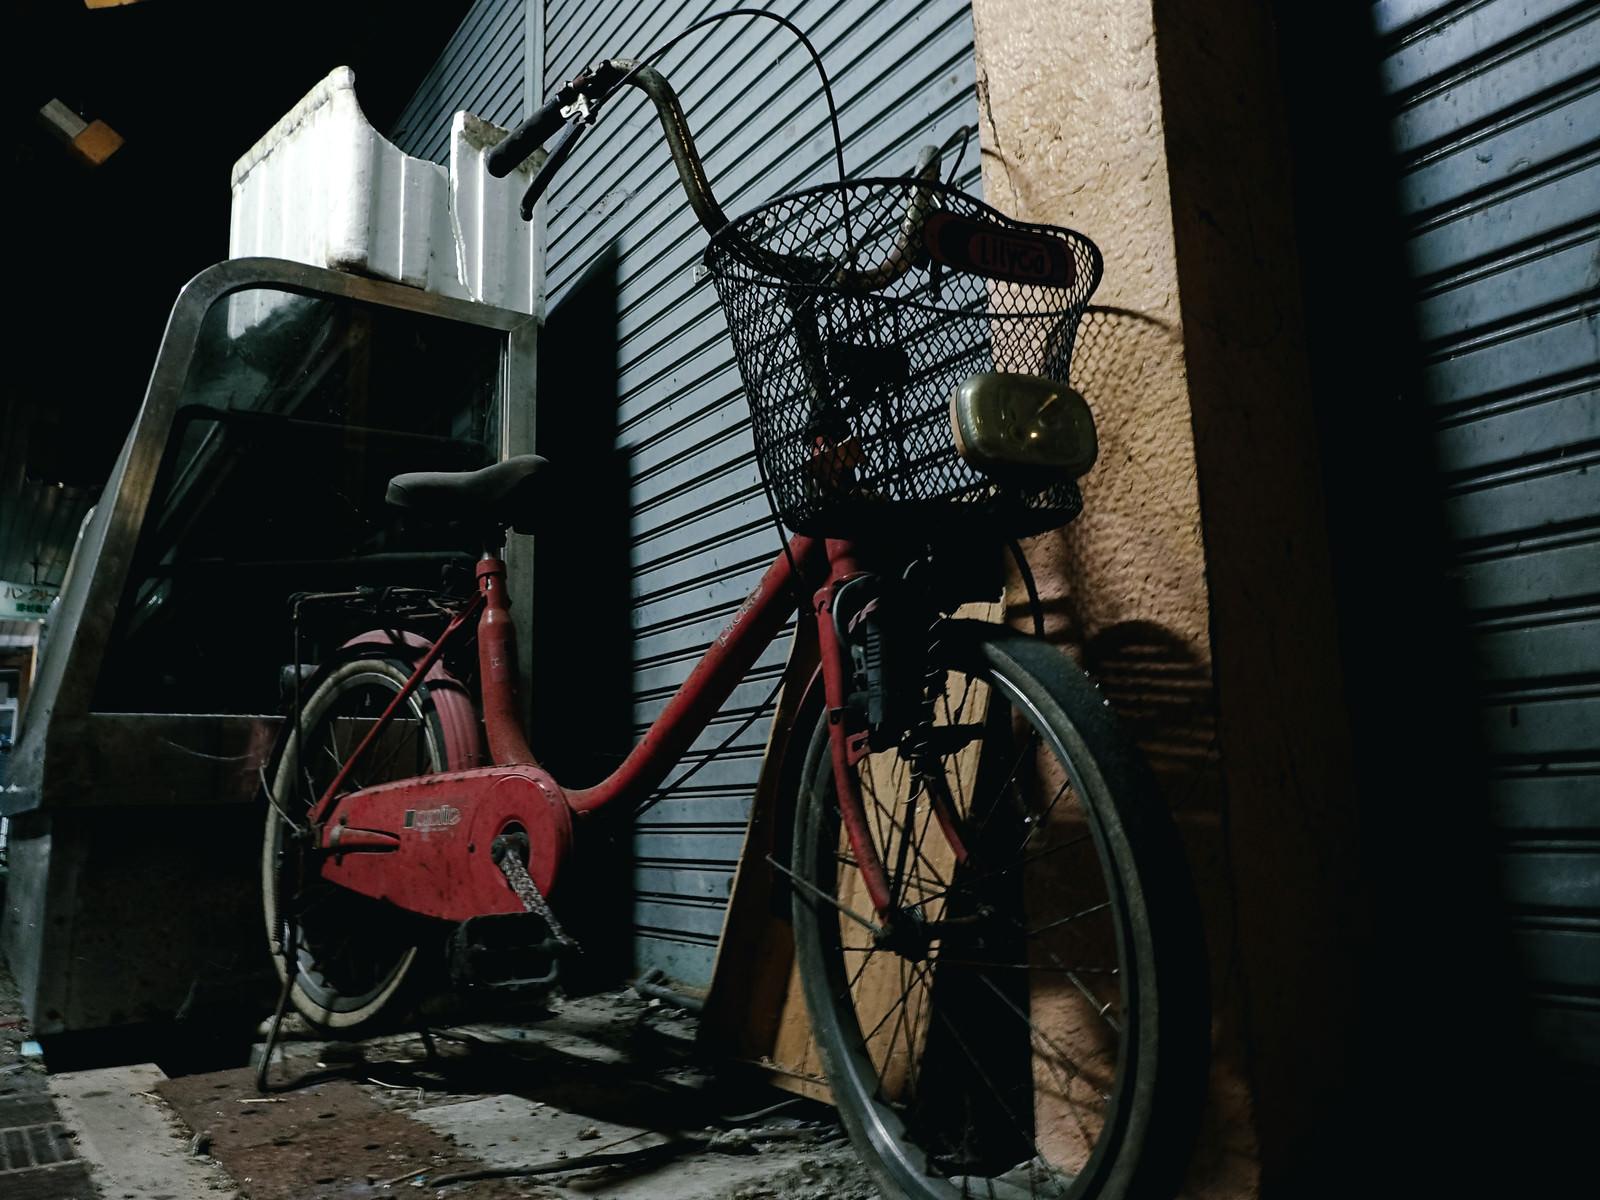 「シャッターの前に停められた自転車」の写真